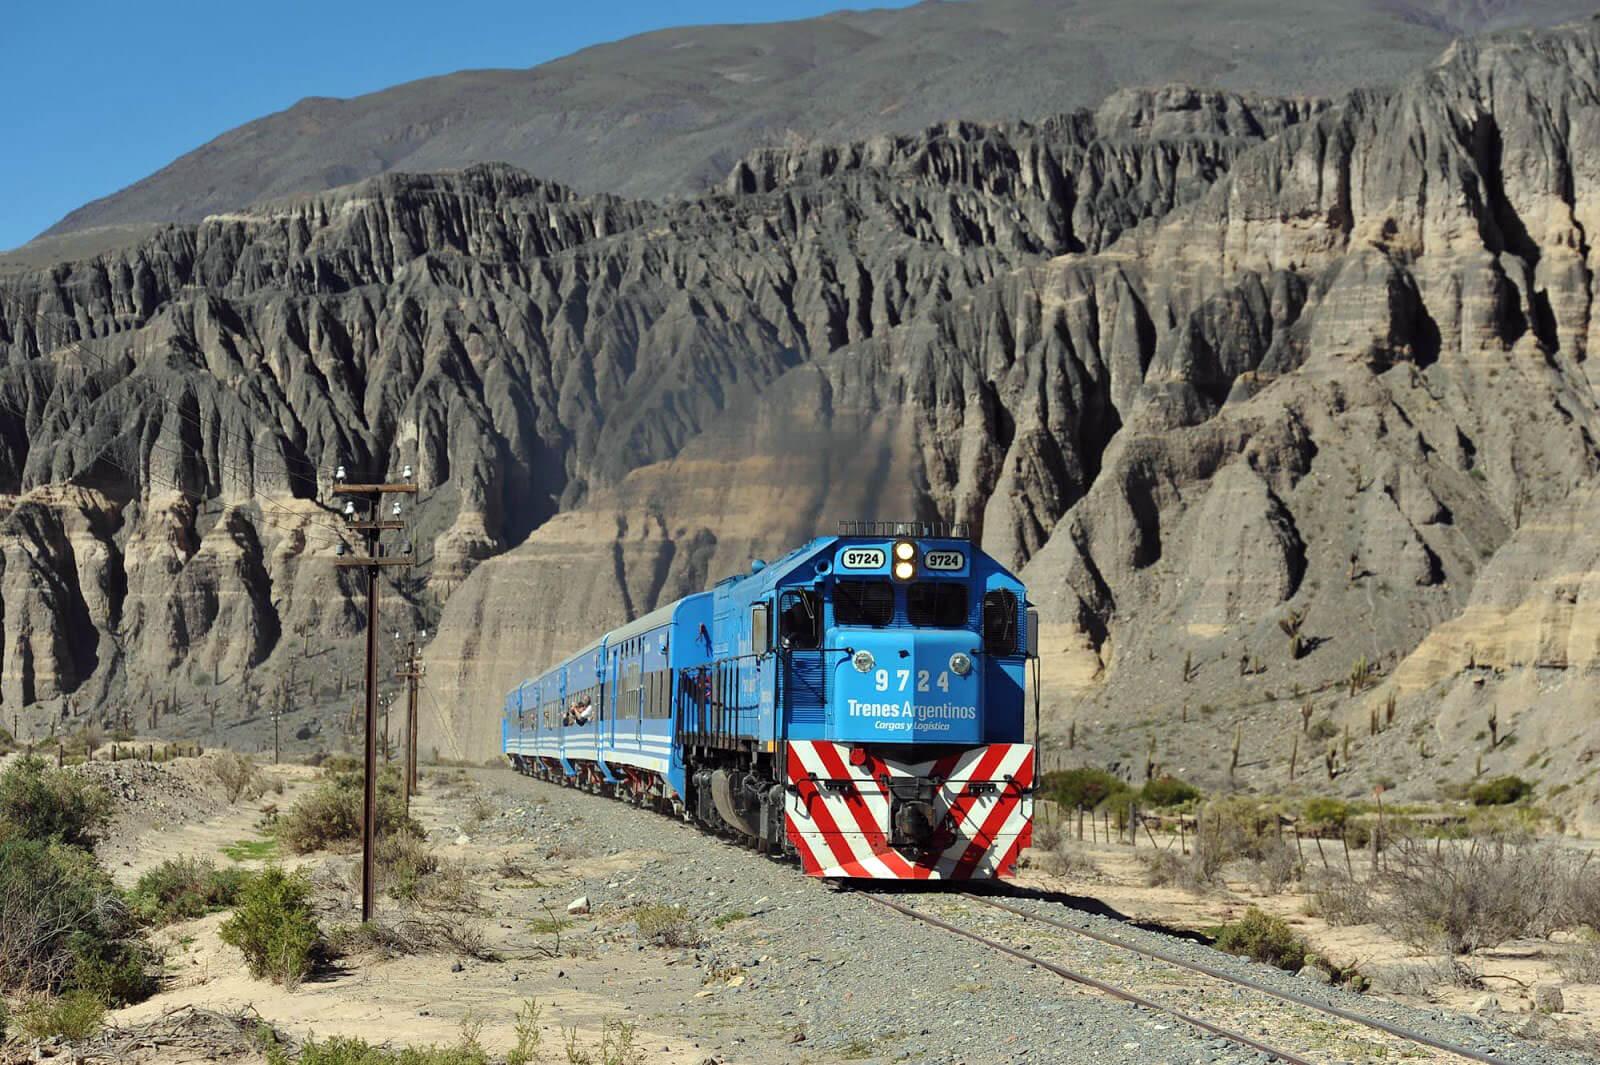 Tren a las Nubes on its way to San Antonio de los Cobres